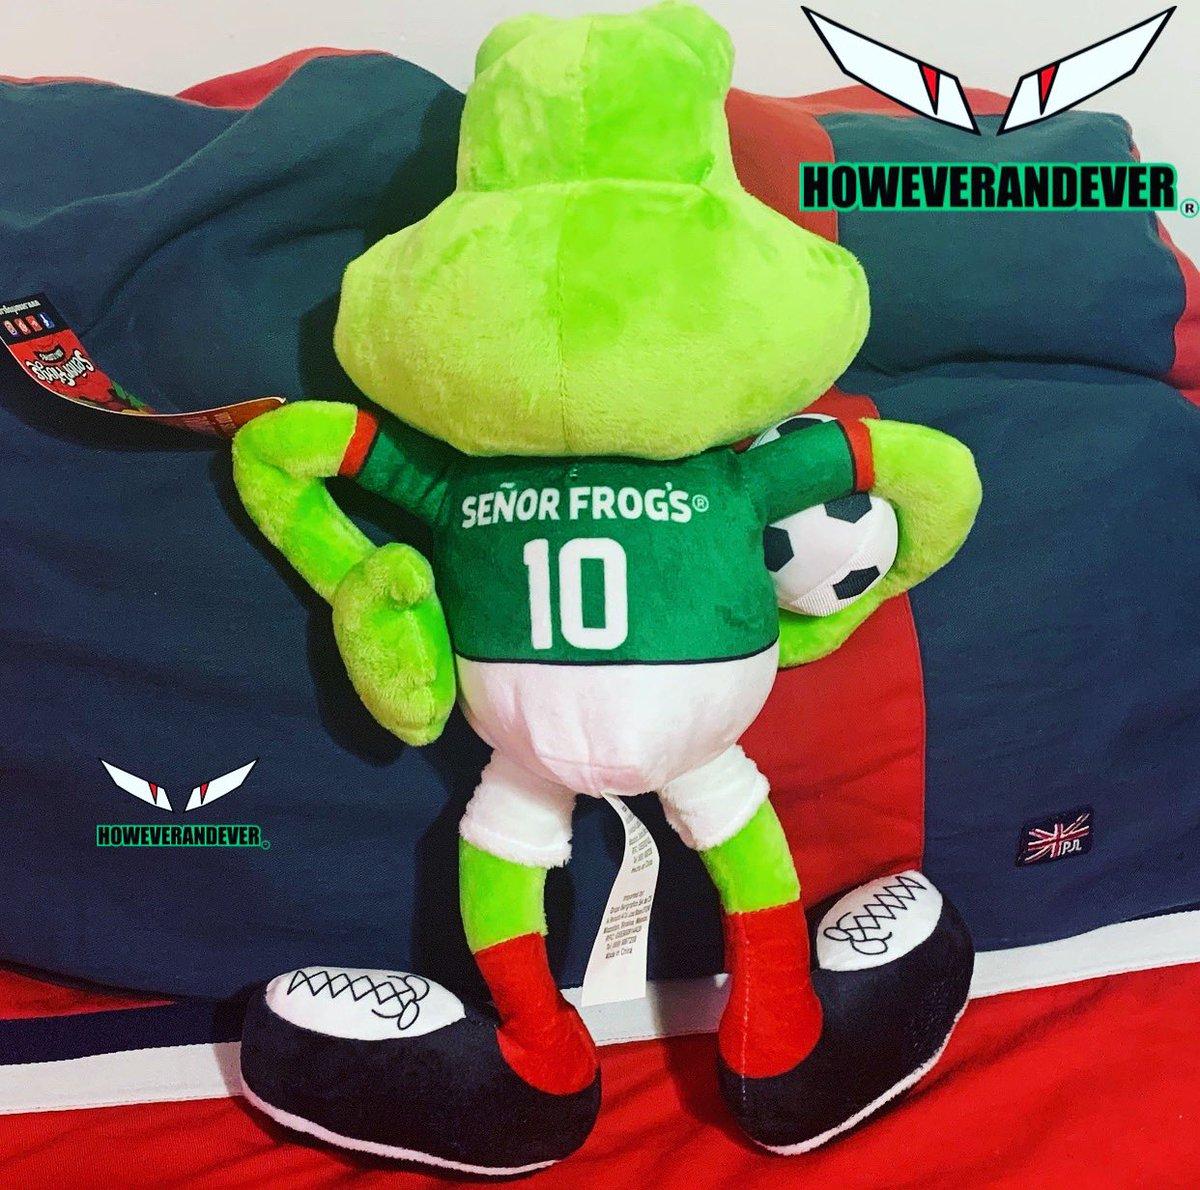 EL SEÑOR FROGS🐸 ES UN CAMPEÓN COMO MÉXICO EN LA COPA ORO 🇲🇽🏆⚽️!!!! #crew # #señorfrogs #srfrogs #copaoro #copaoro2019 #style #mexico #ilovemexico #football #frogs #champion #goodday #influencer #howeverandever #youtuber #followbacknow #likeforlikes #socialnetworks #internet